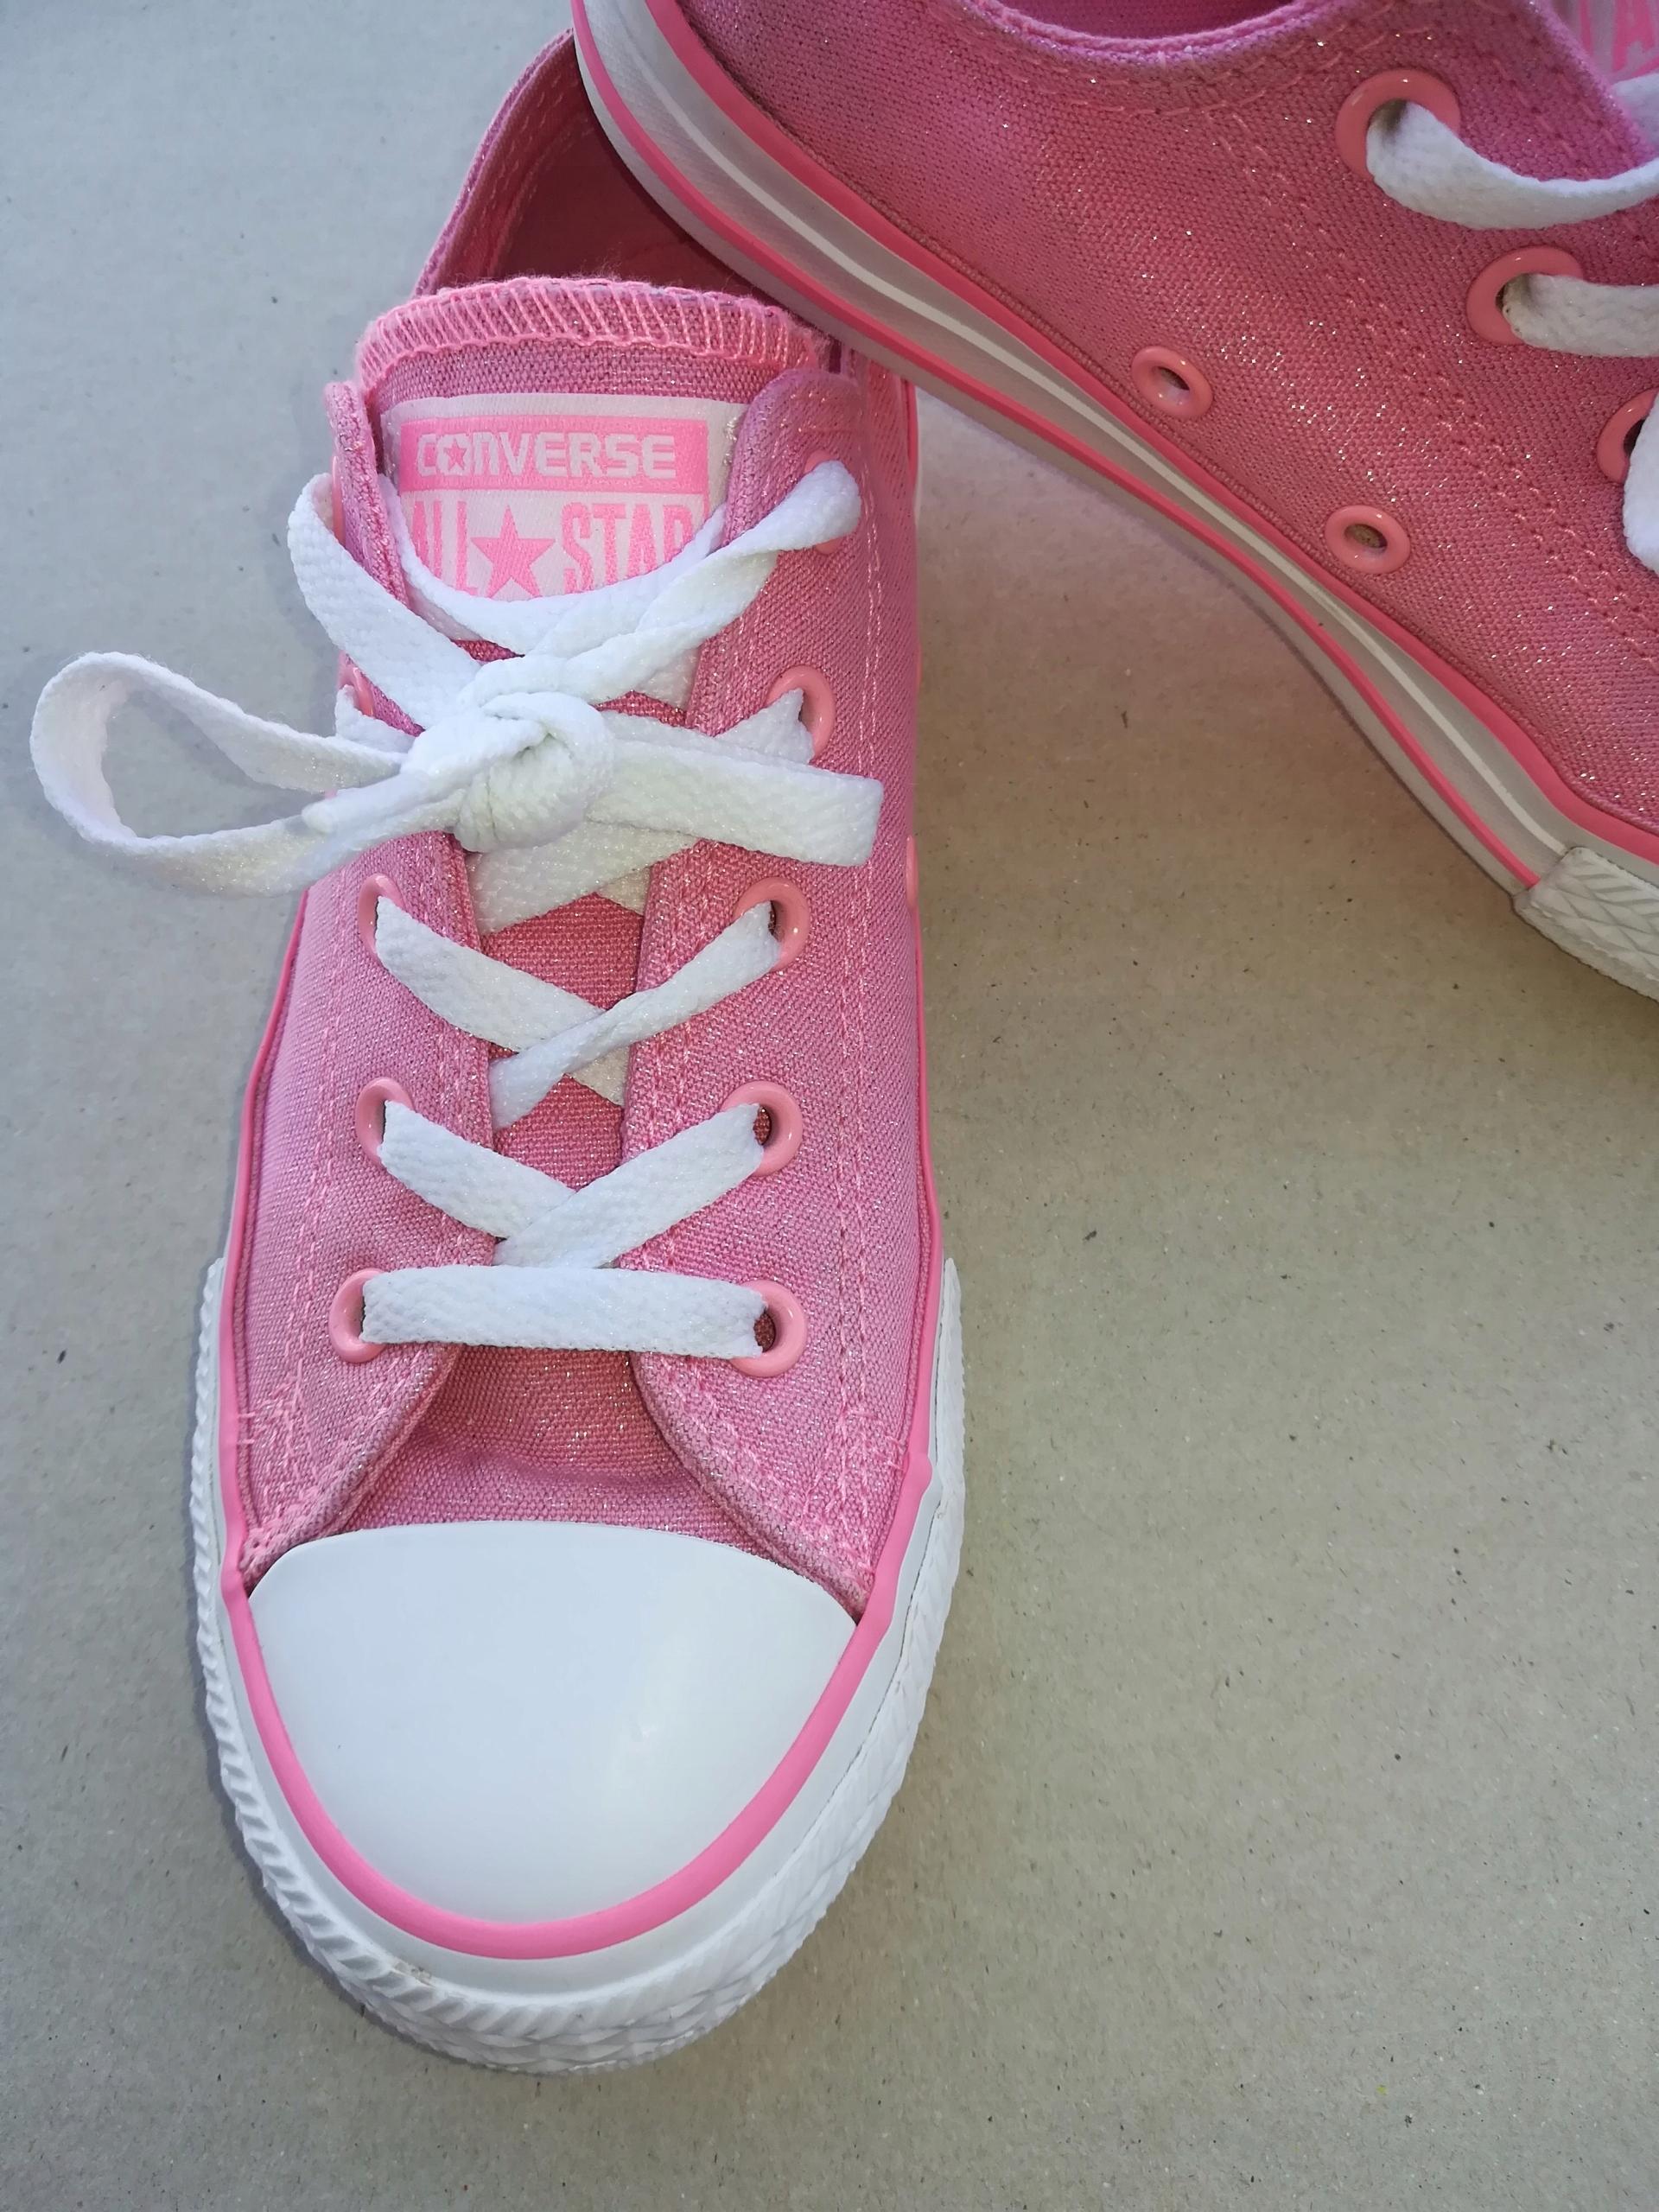 Trampki tenisówki Converse 33,5 34 dziewczynka buty